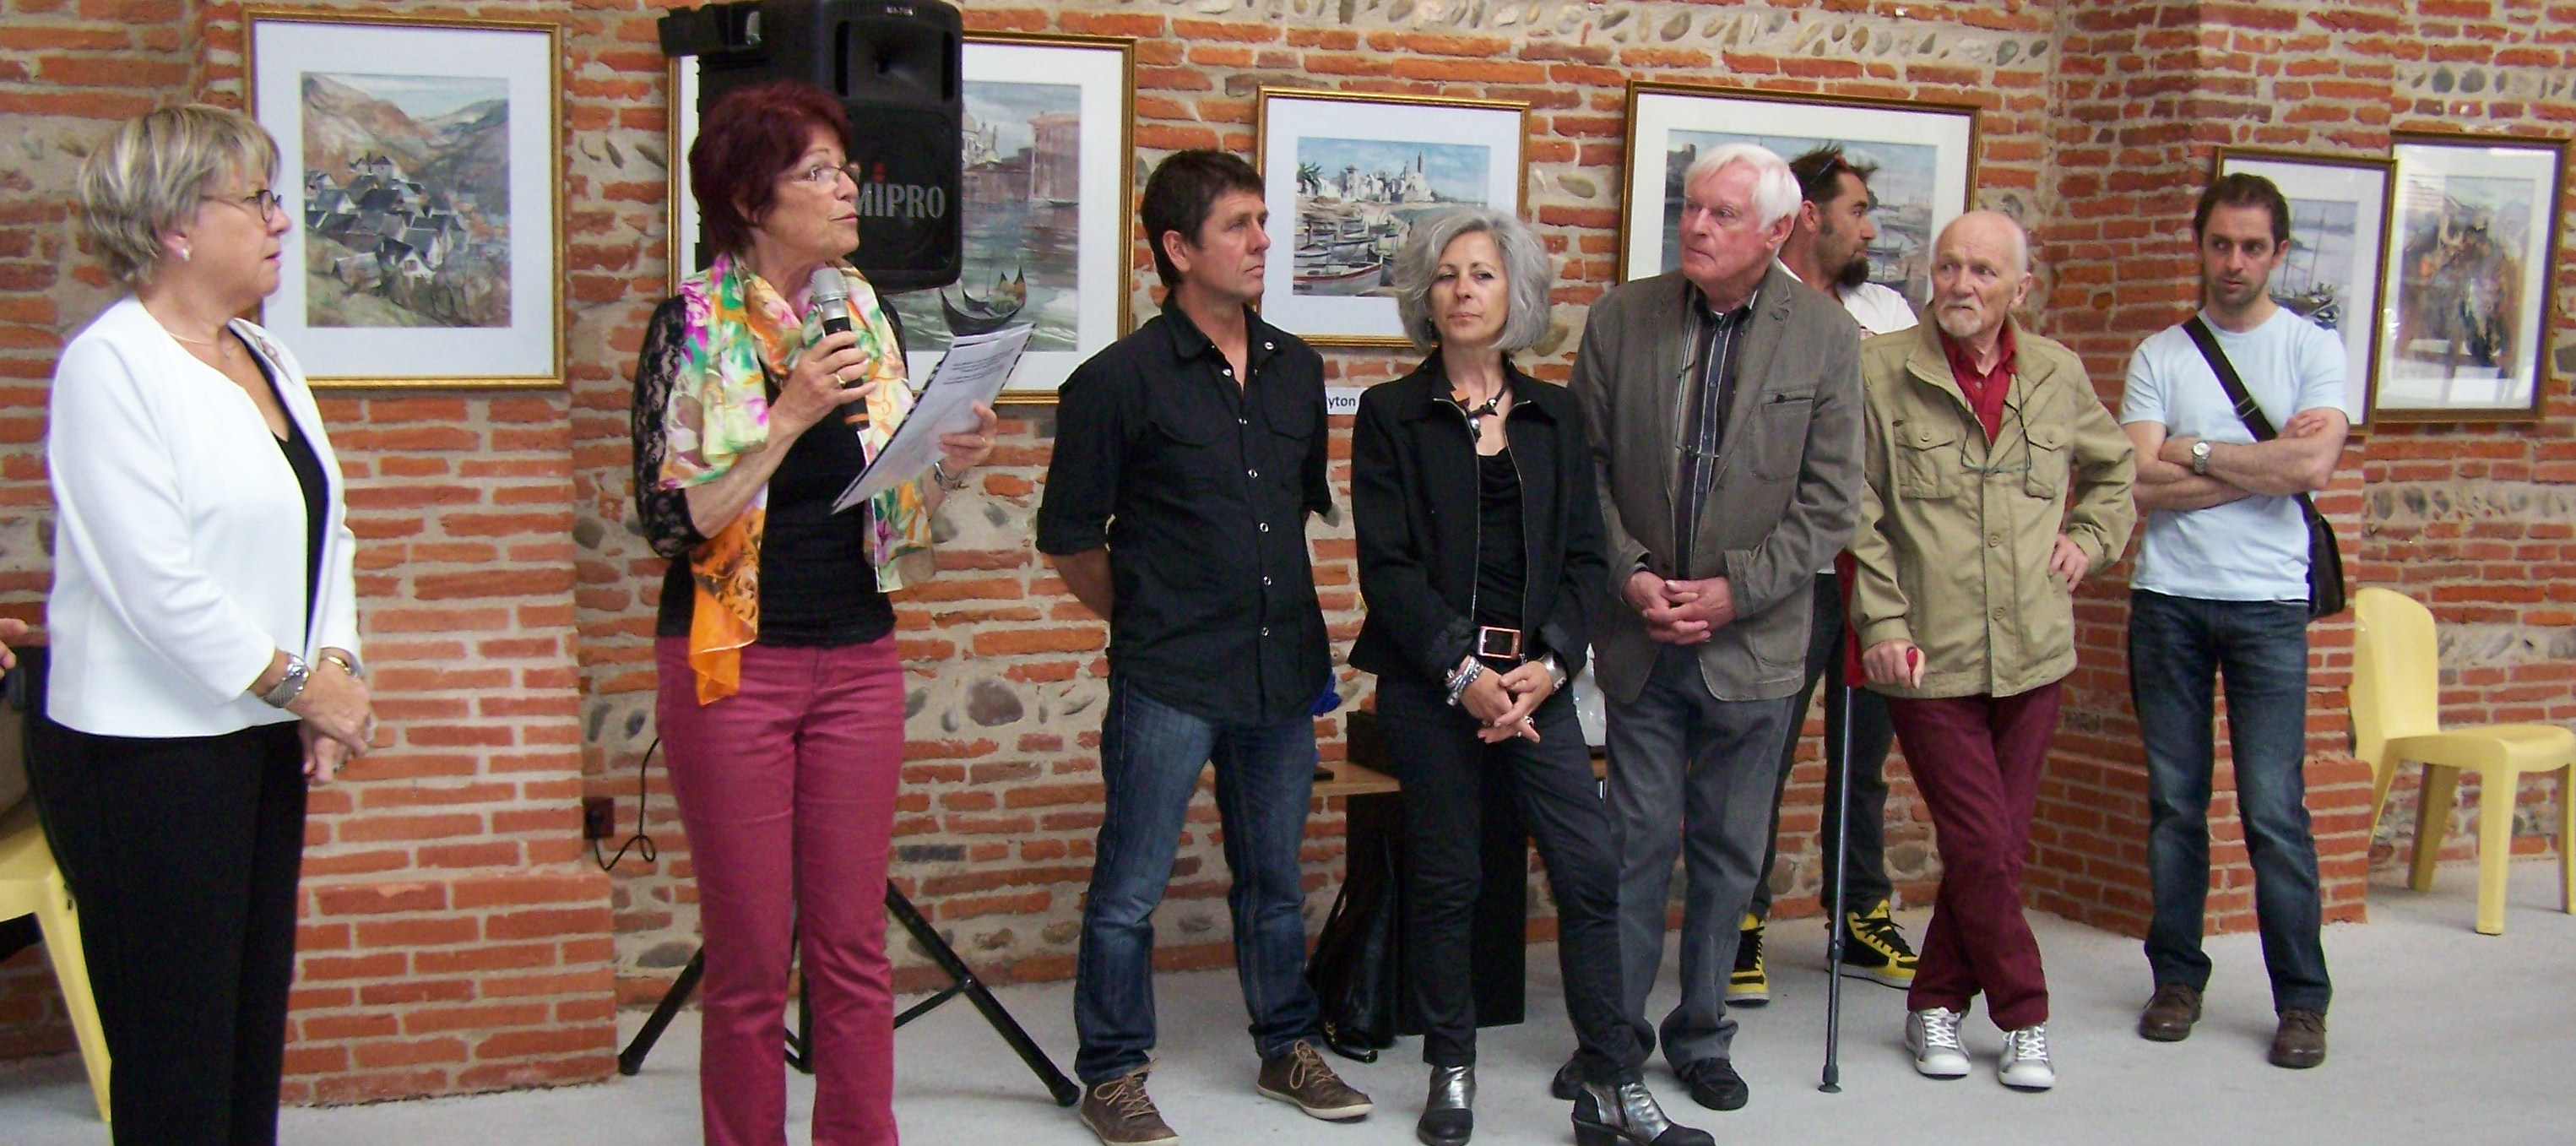 Salon de printemps : Exposition à la Halle Piquot de Leguevin - Le journal du Gers